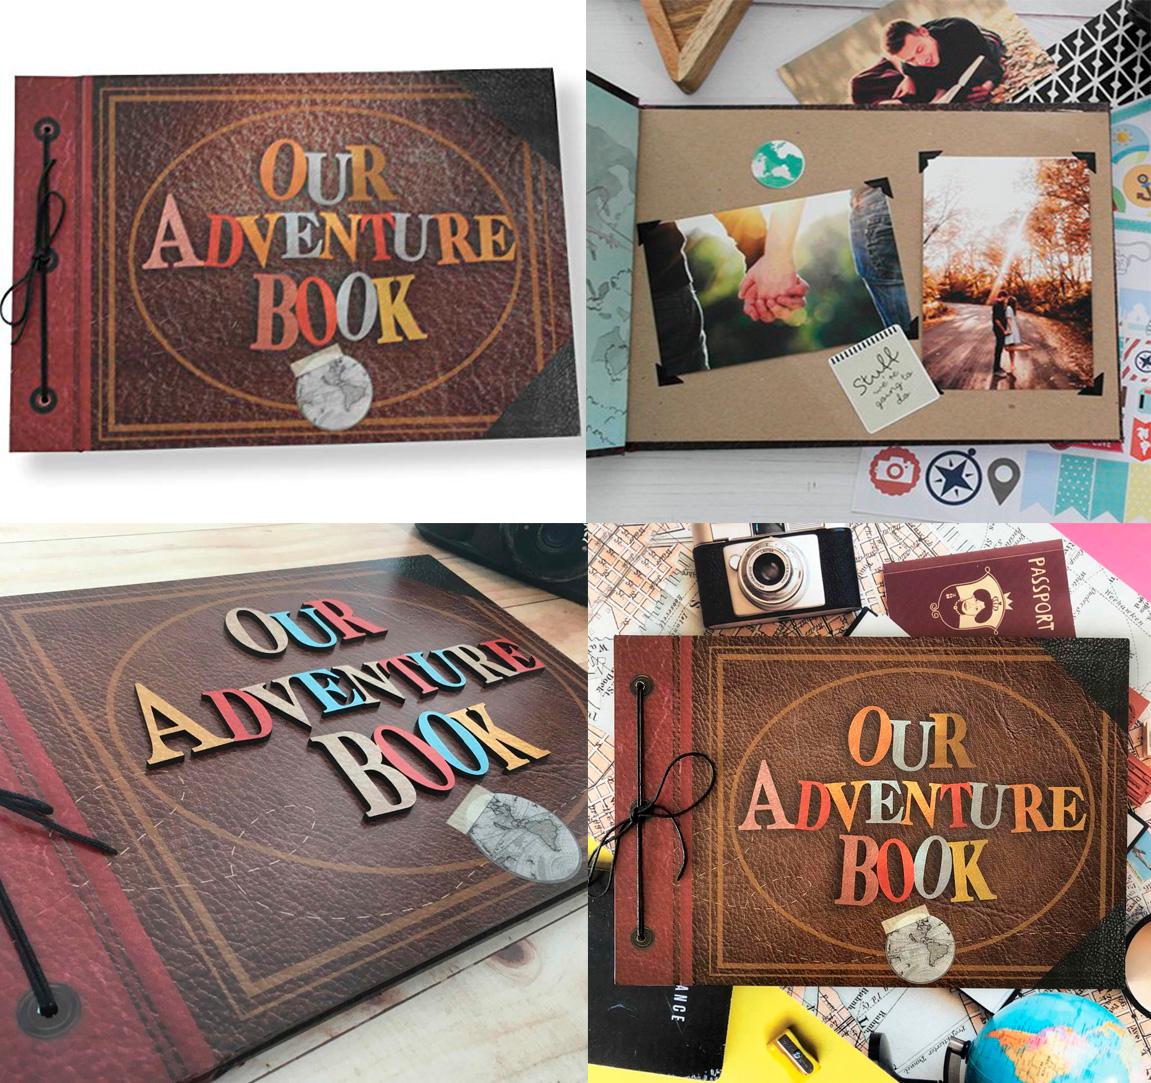 Our adventure book: Regalos para mi novio en San Valentín